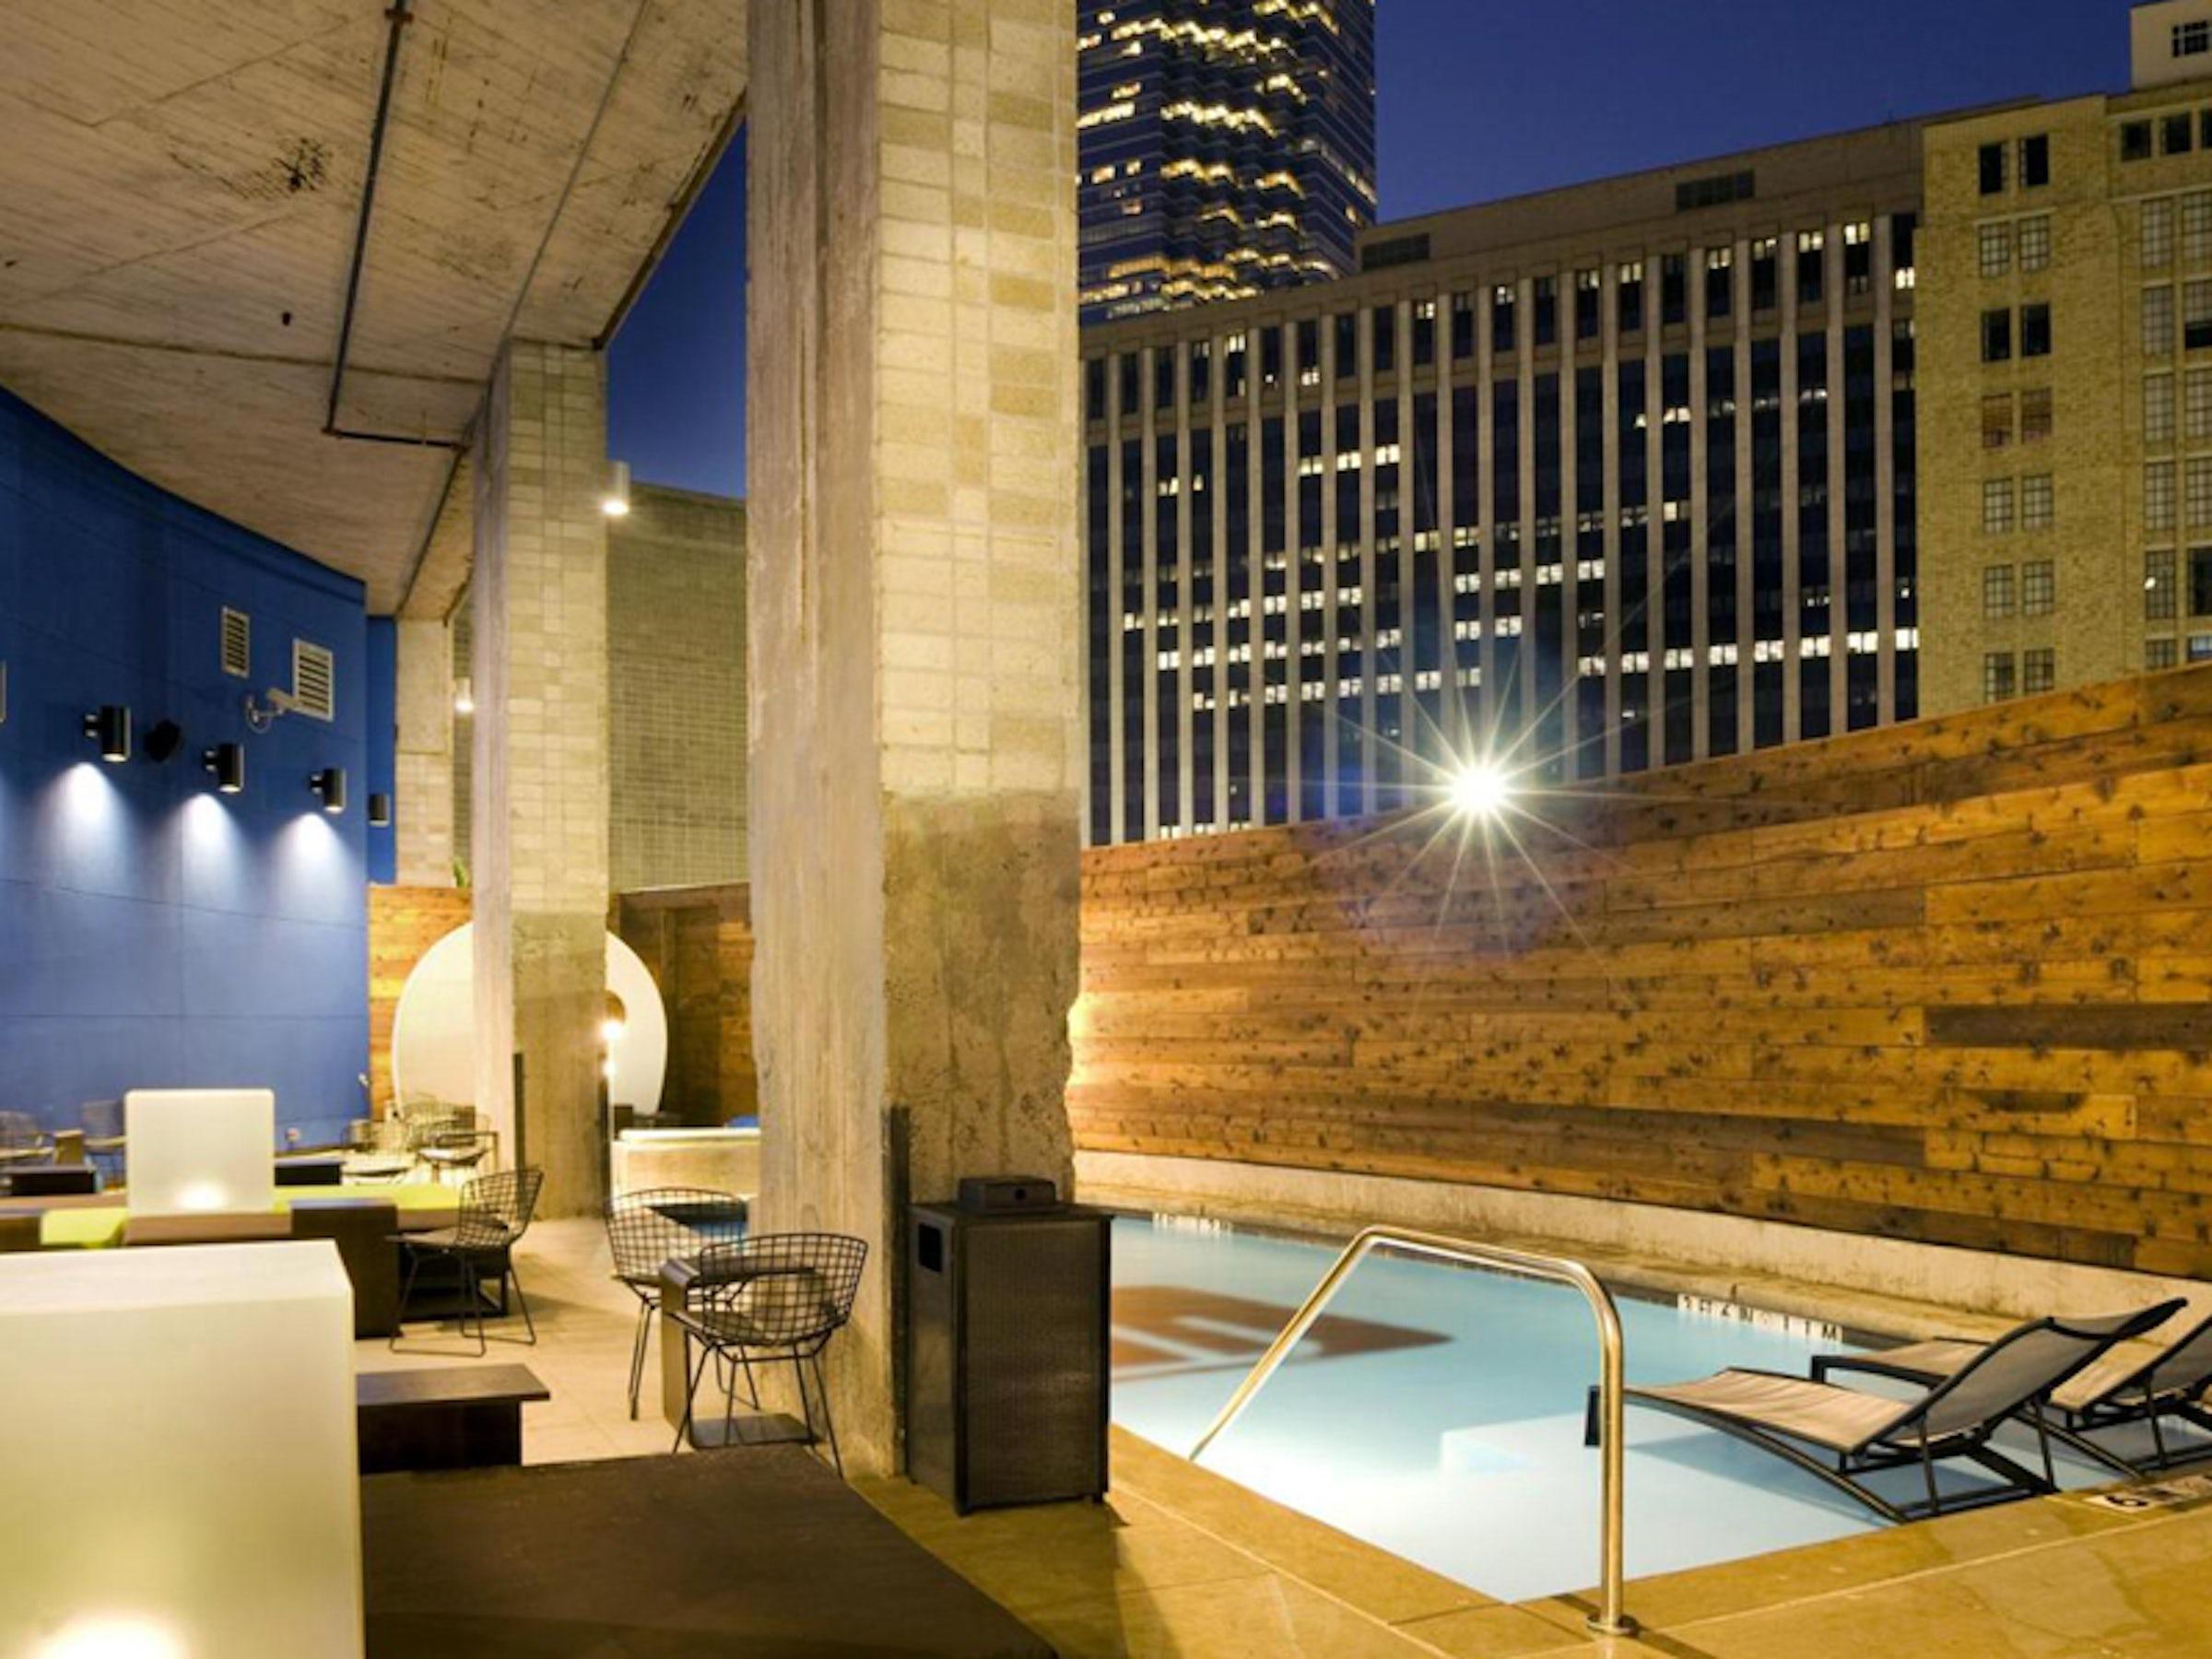 Aloft Dallas Downtown in Beyond Dallas